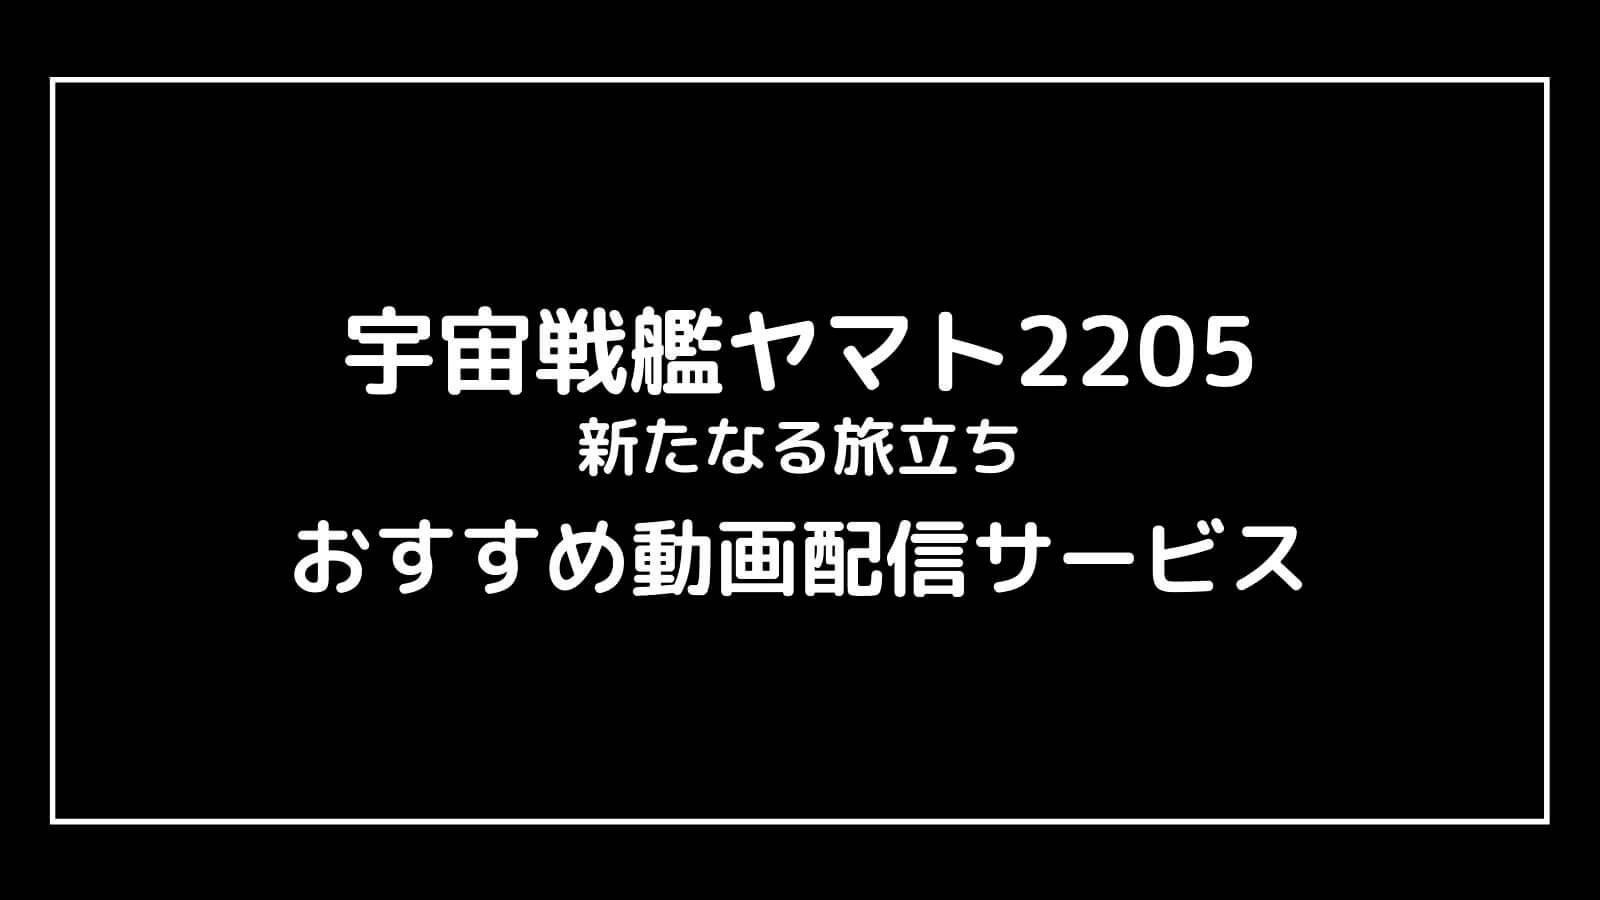 『宇宙戦艦ヤマト2205 新たなる旅立ち』の無料映画配信をフル視聴できるおすすめサブスクまとめ